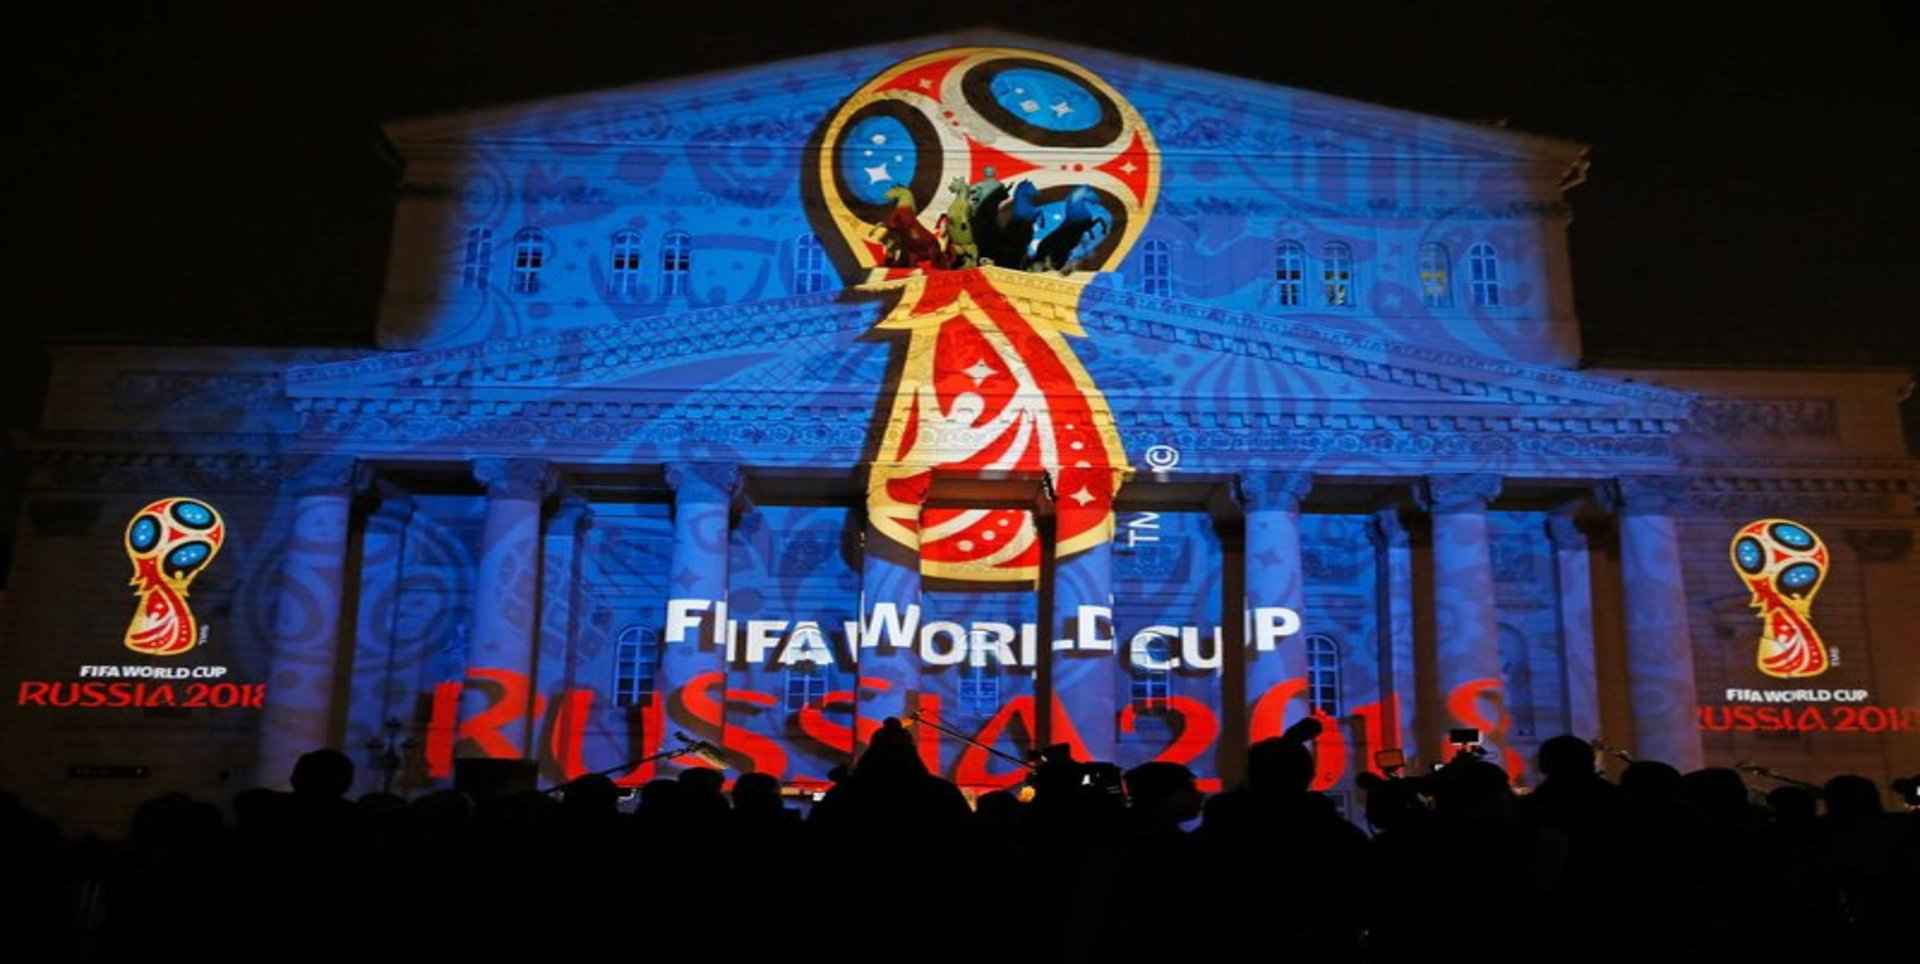 FIFA WC Colombia V Brazil Live